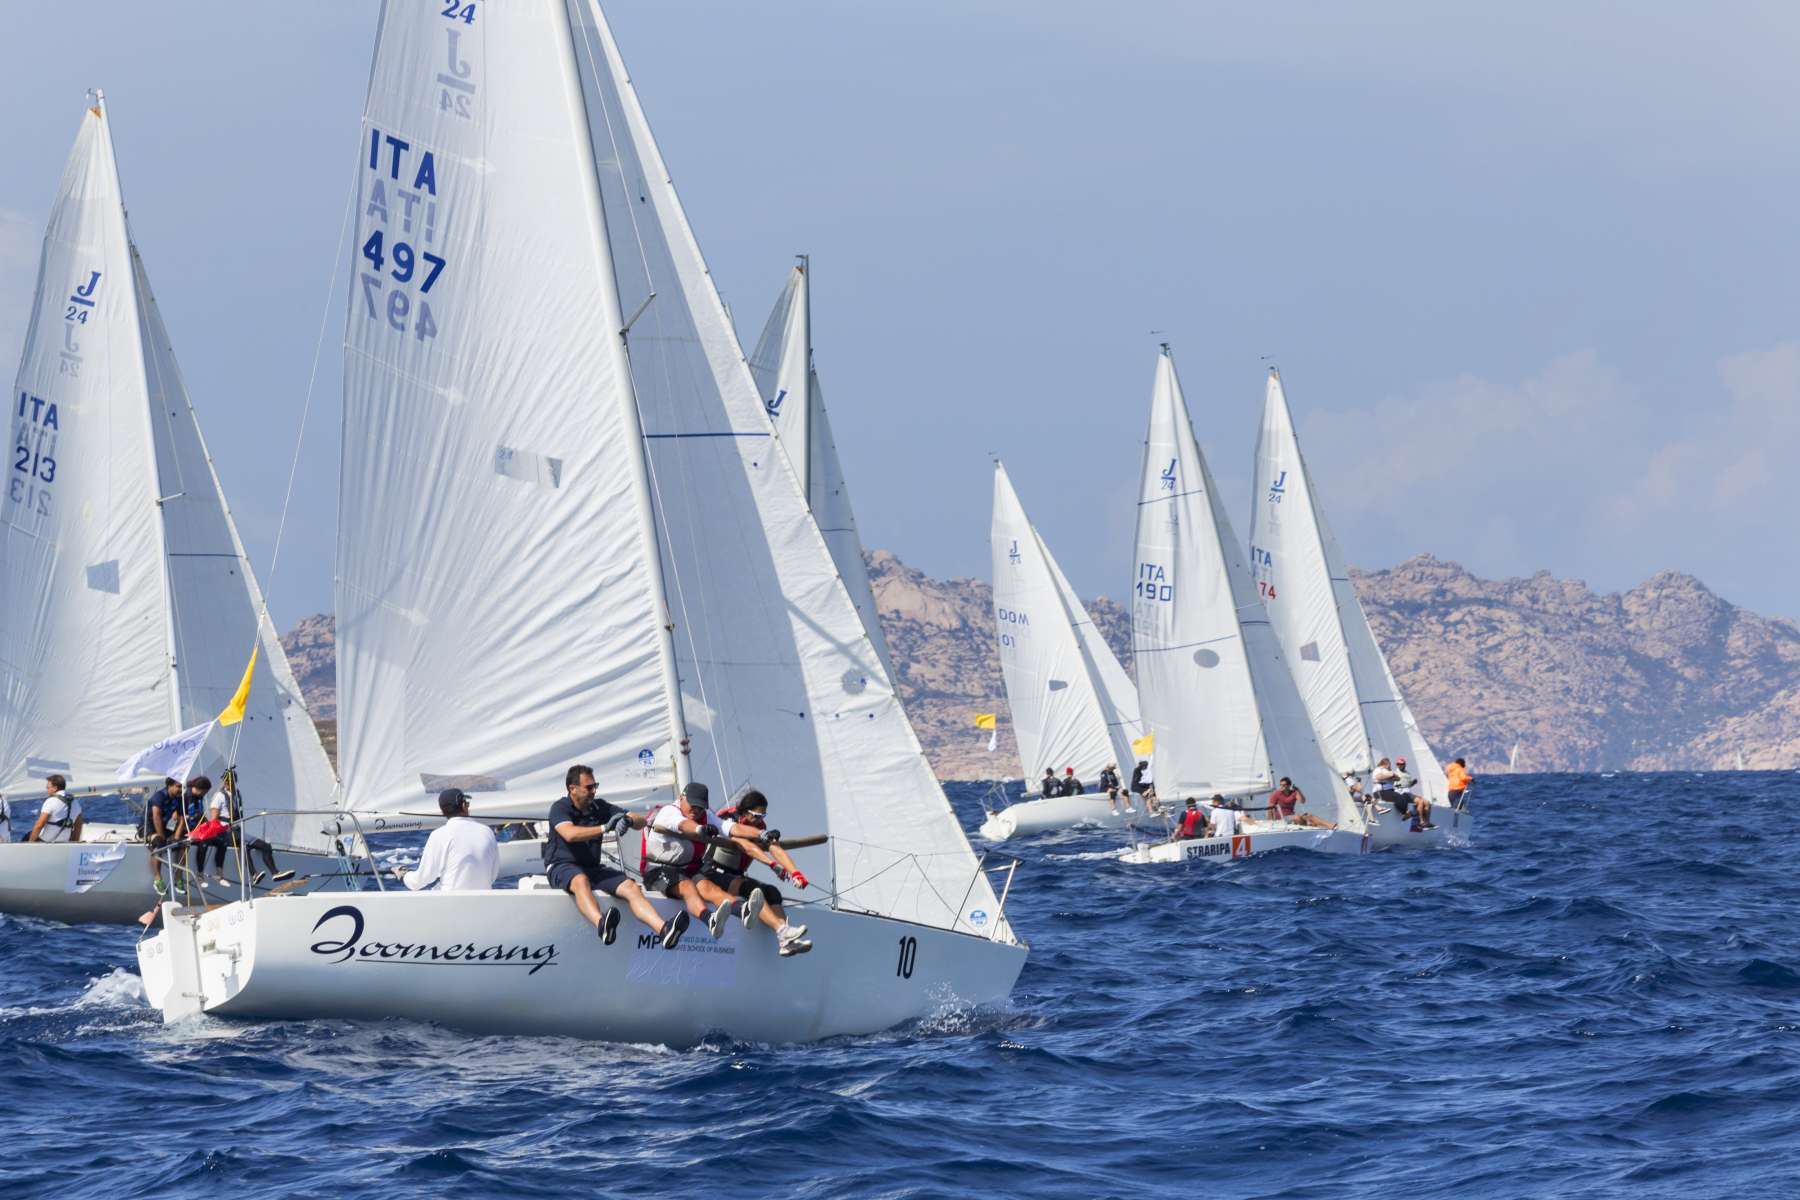 Conclusa la One Ocean Mba's Conference and Regatta a Porto Cervo  - NEWS - Yacht Club Costa Smeralda